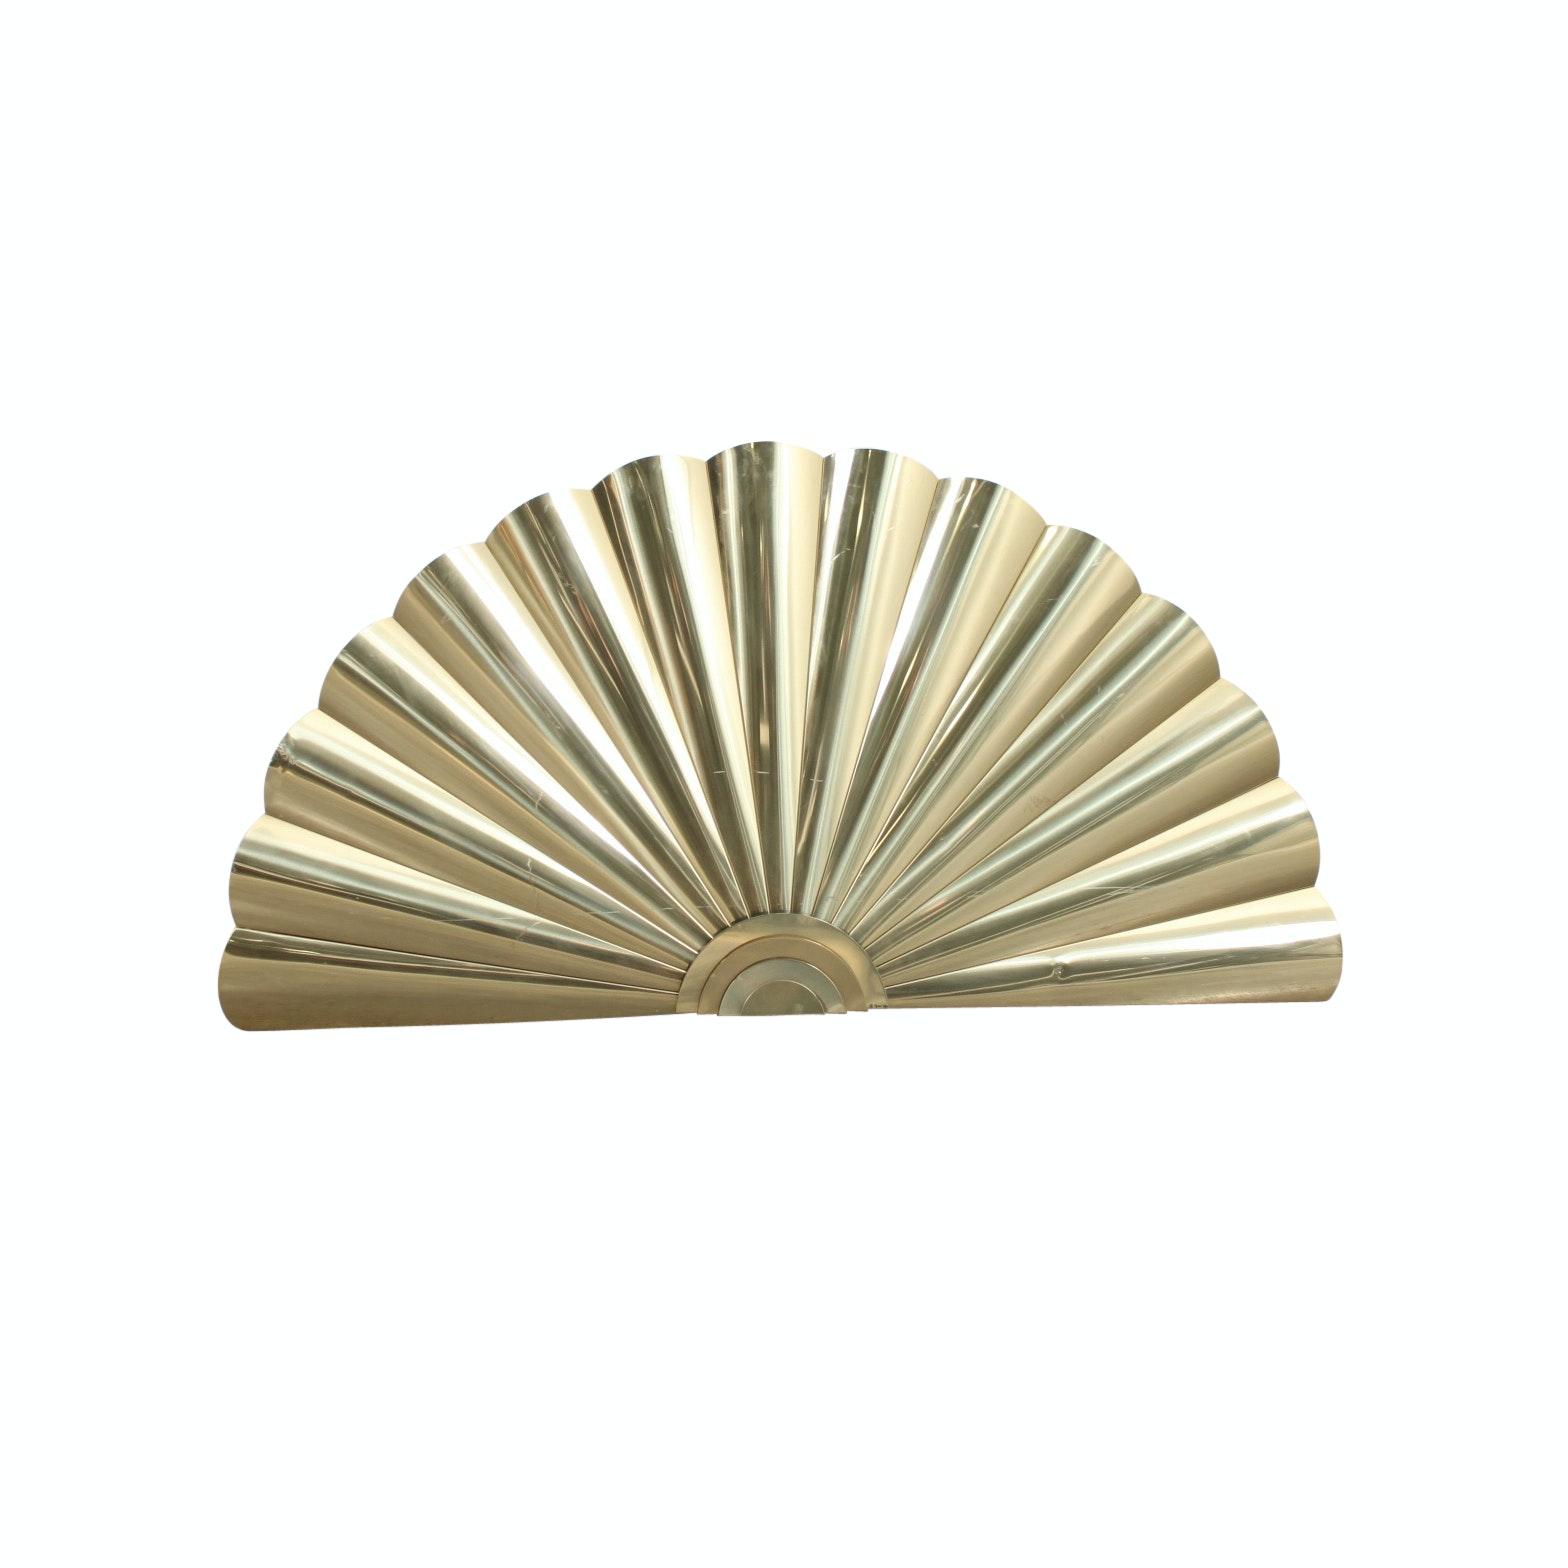 Curtis Jeré Signed 1989 Brass Wall Sculpture of Folding Hand Fan